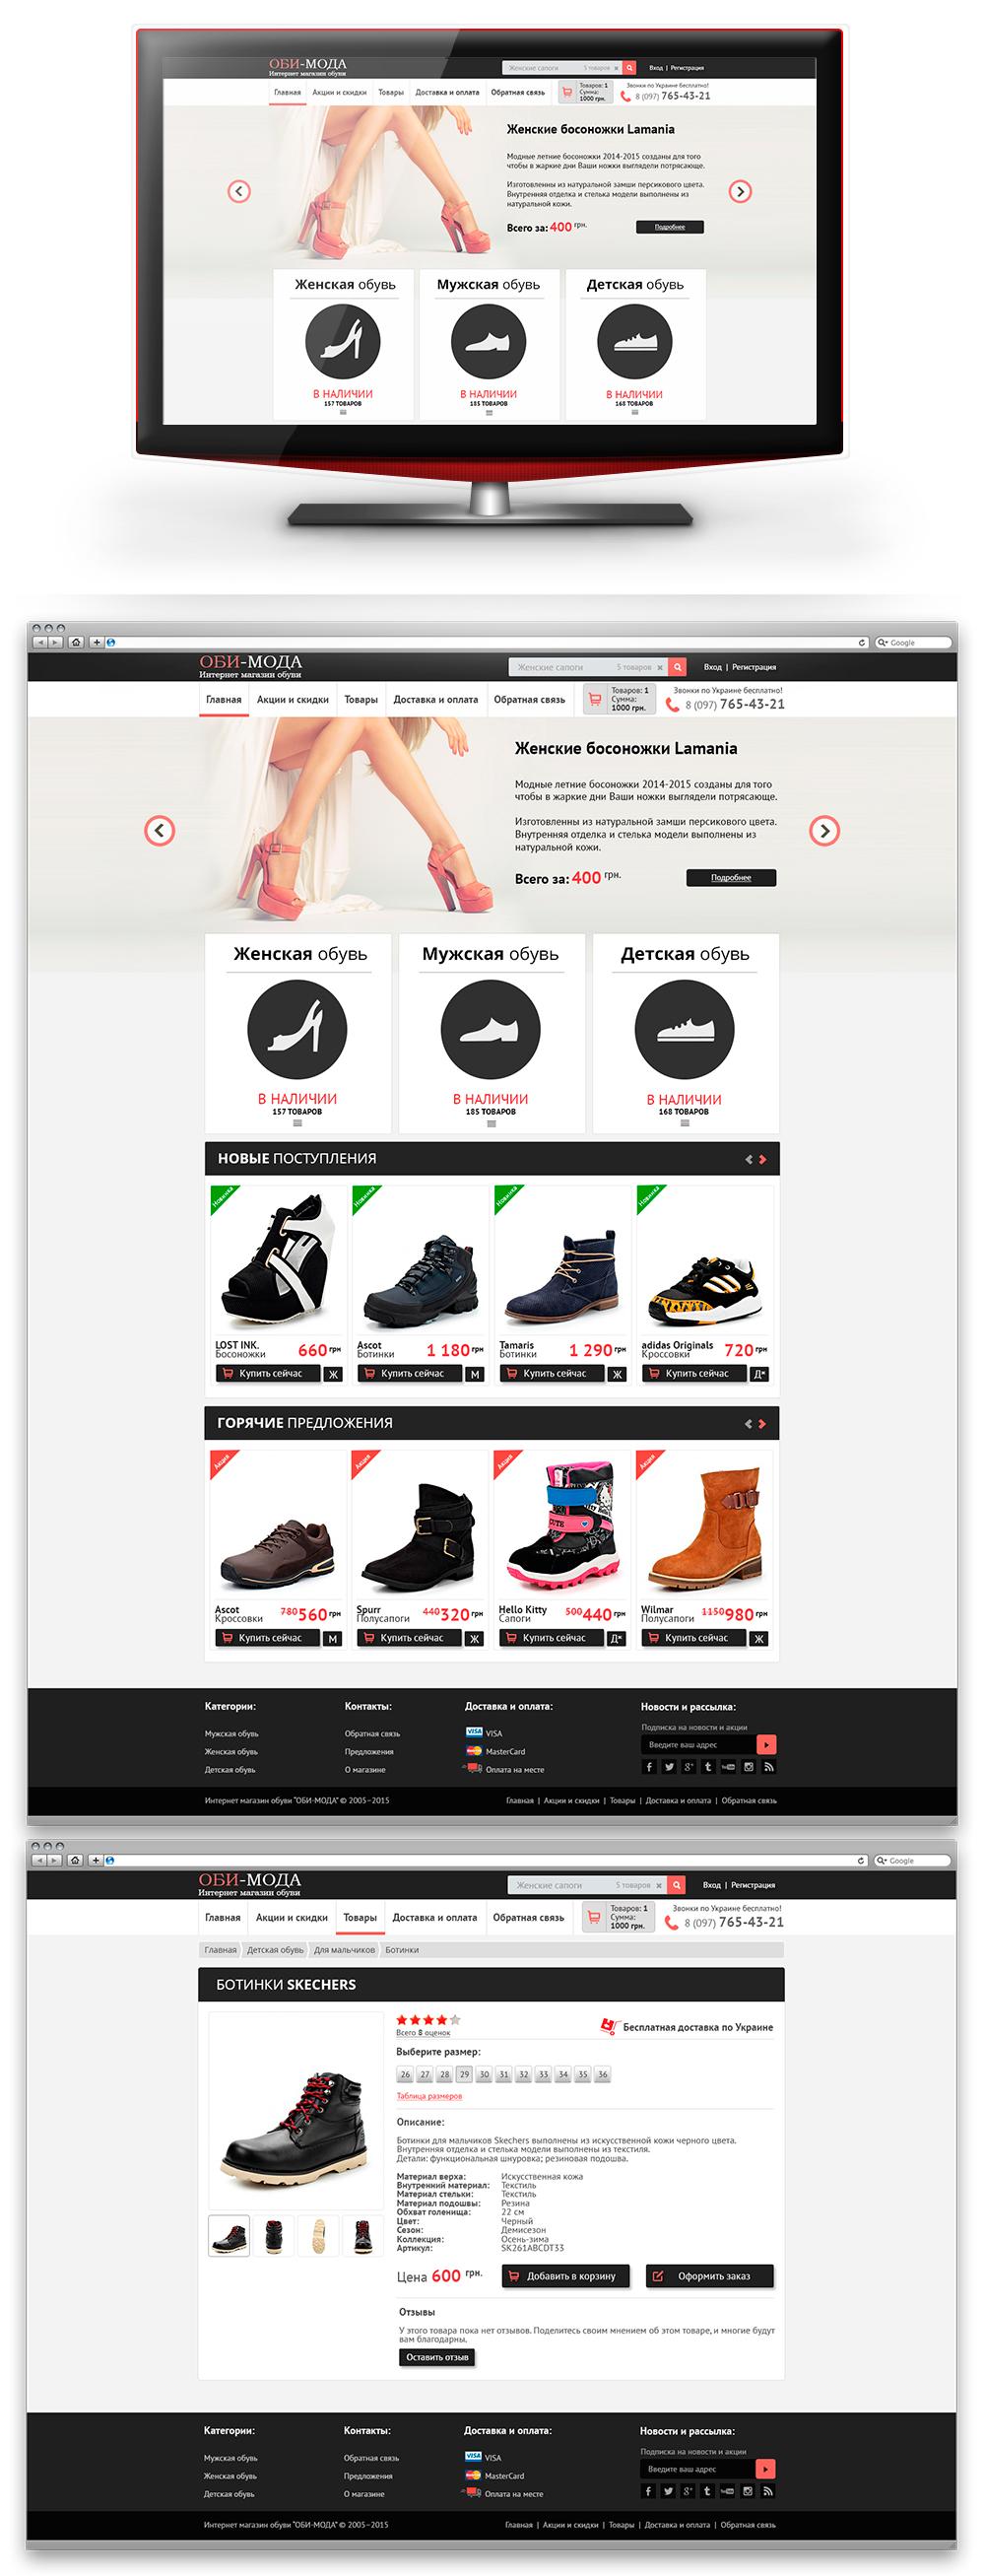 Дизайн интернет магазина по продаже обуви